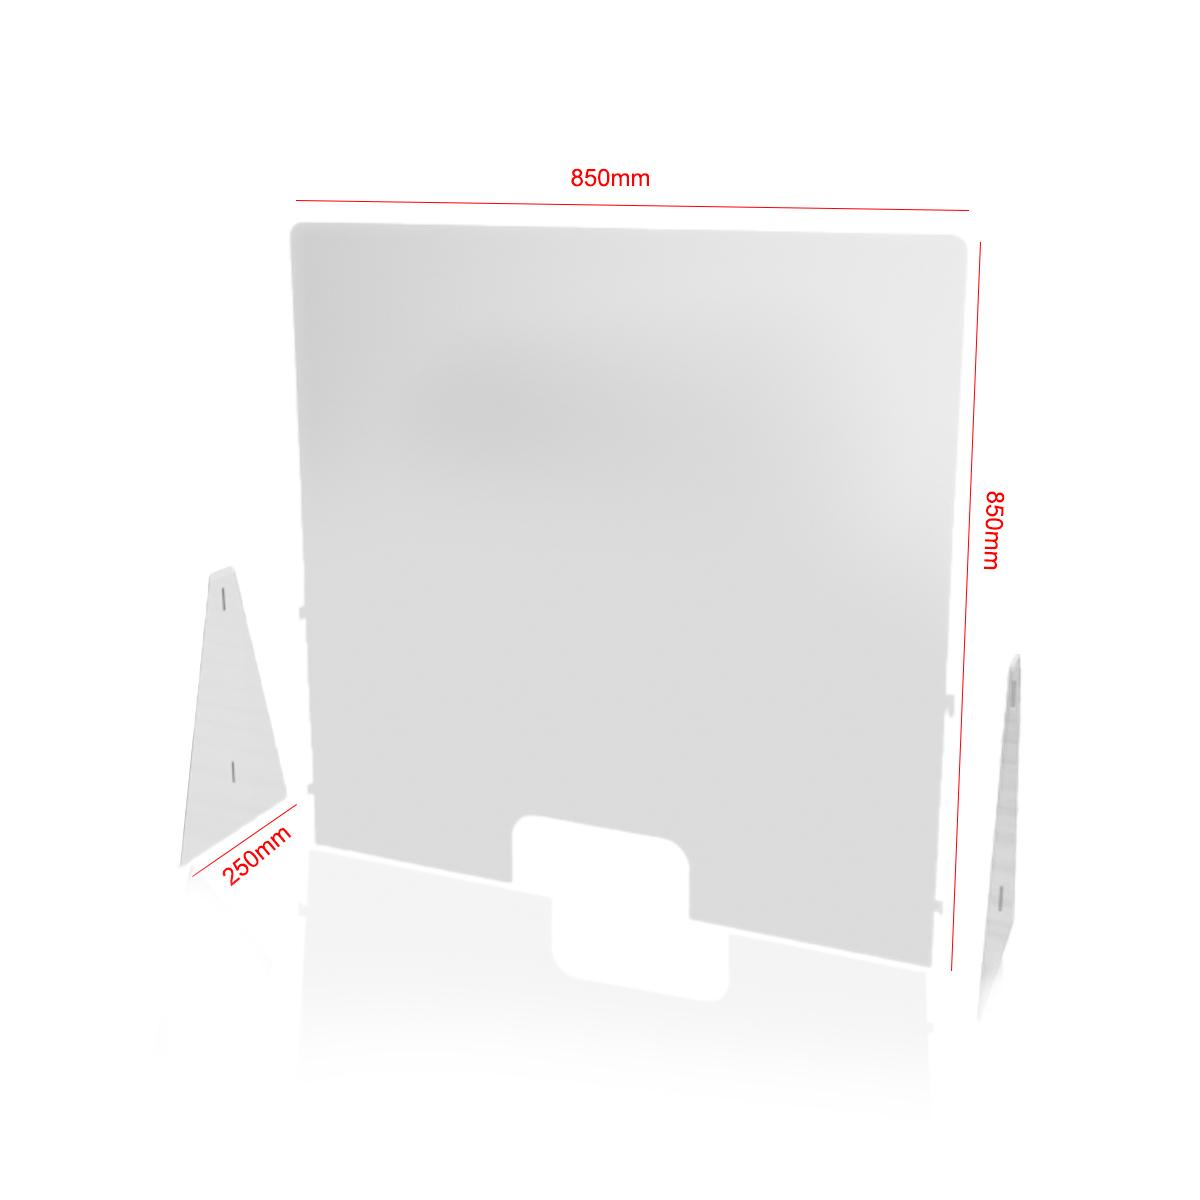 Protecție plexiglas, demontabilă, pentru tejghea și casă de marcat, dimensiunea 850x850x250 mm